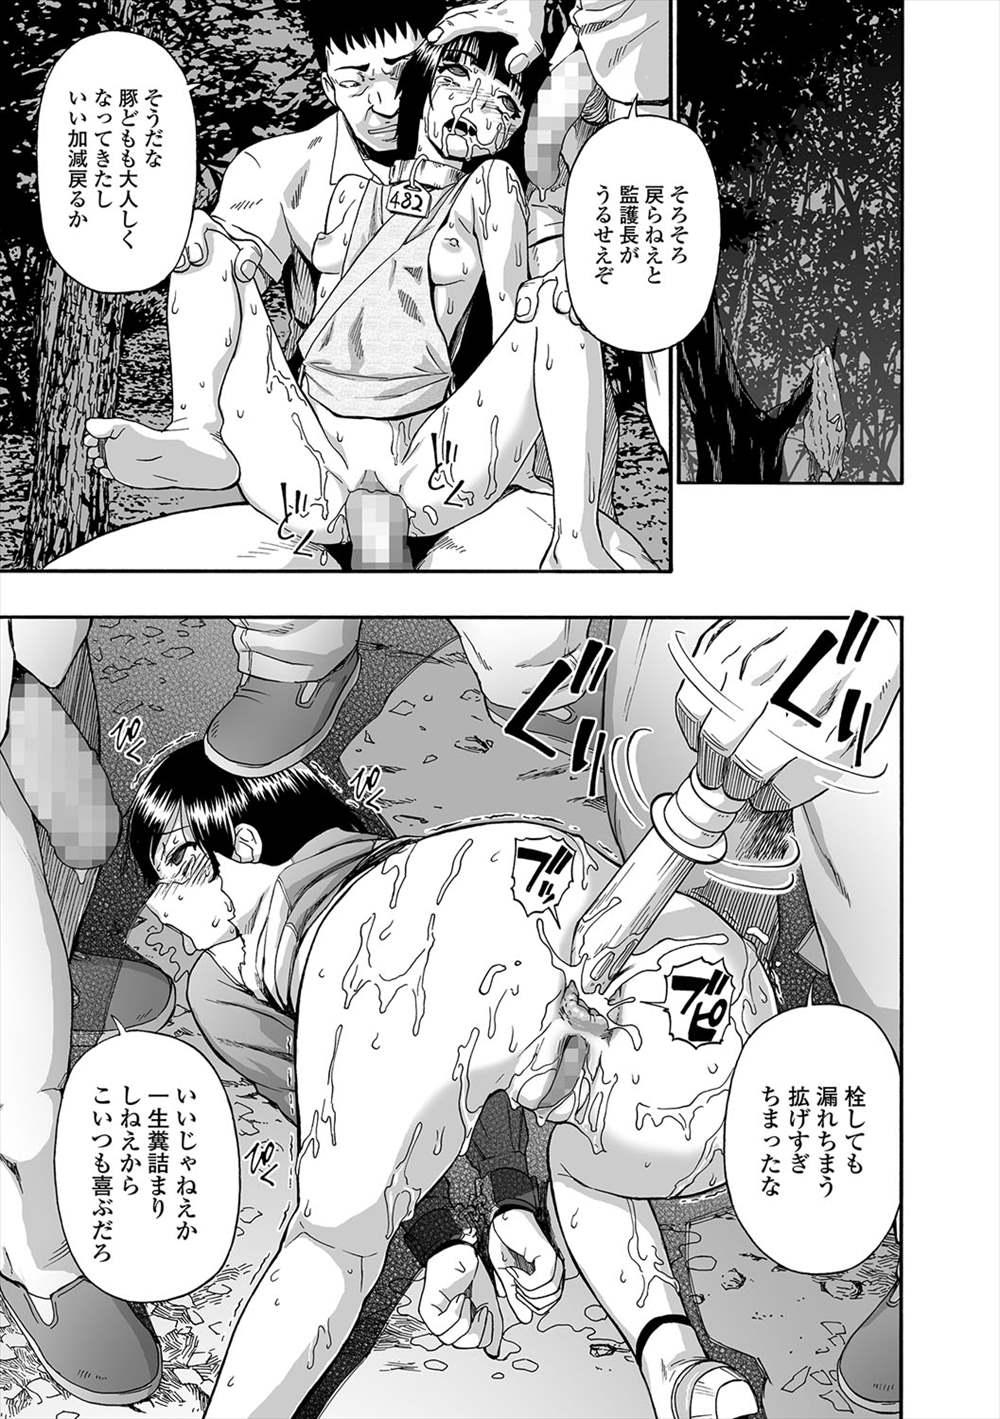 【エロ漫画】(1/7話)森でカップルが狂人に襲われる…彼氏は暴行され彼女は陵辱レイプアナルに異物挿入…【オイスター:愚者の石】